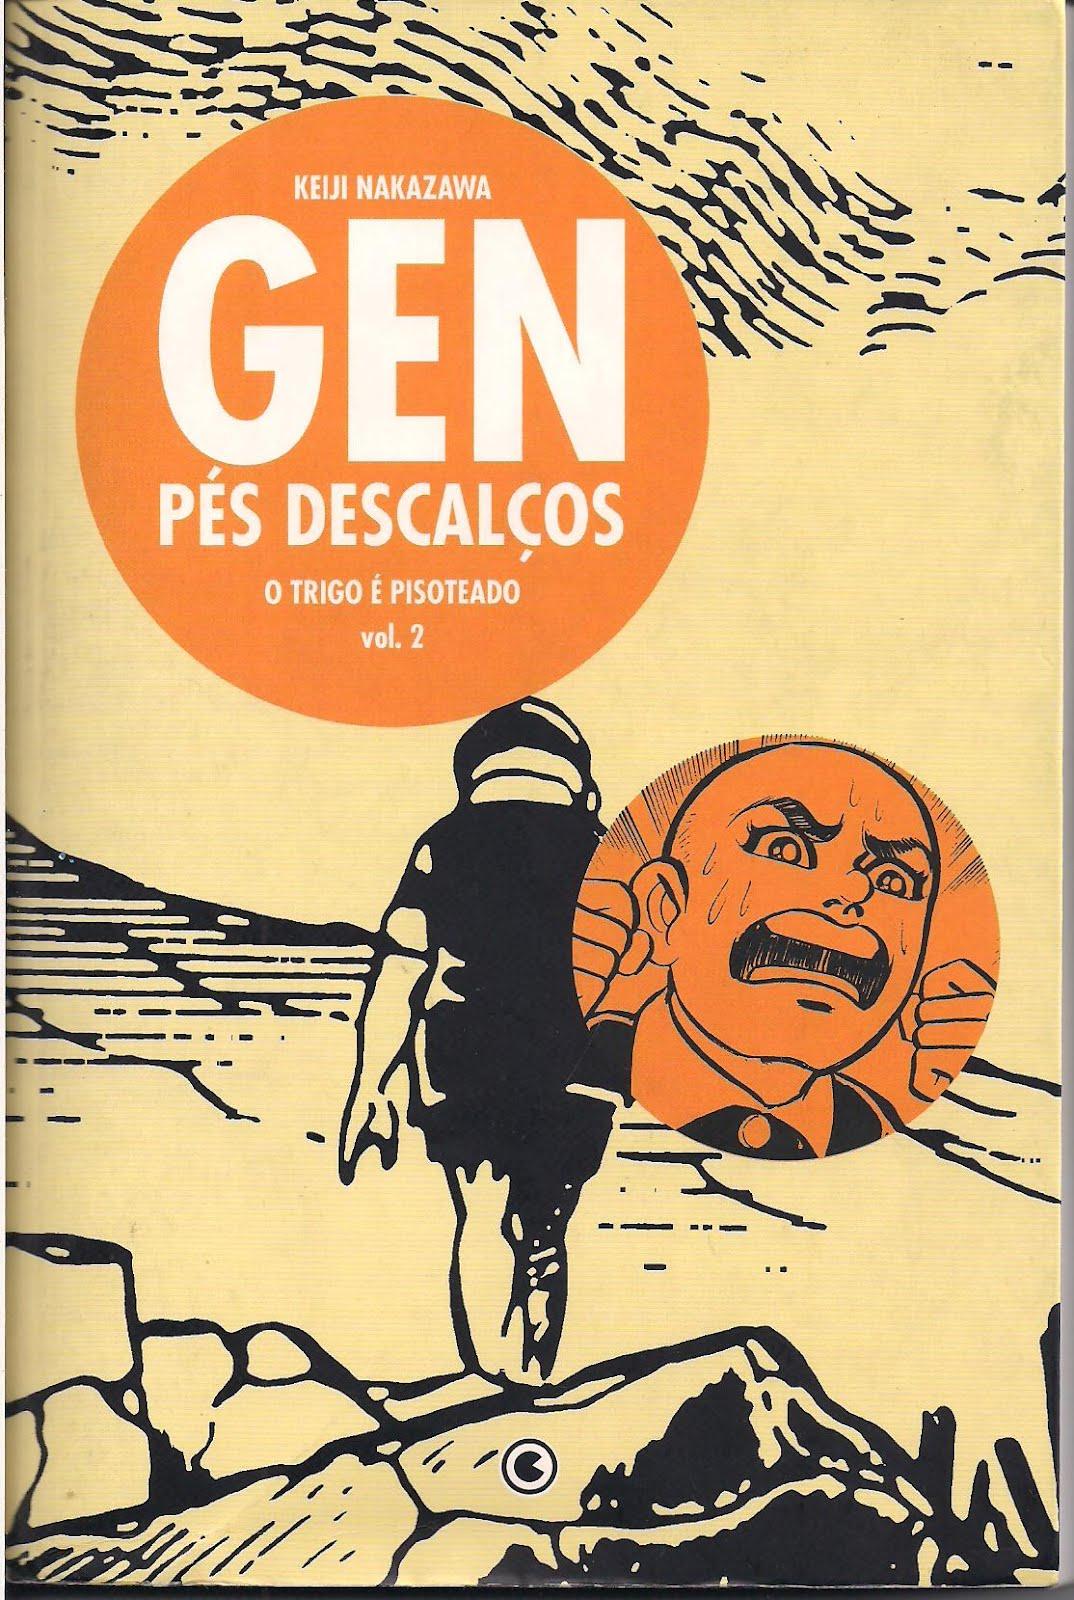 Gen Pes Descalcos